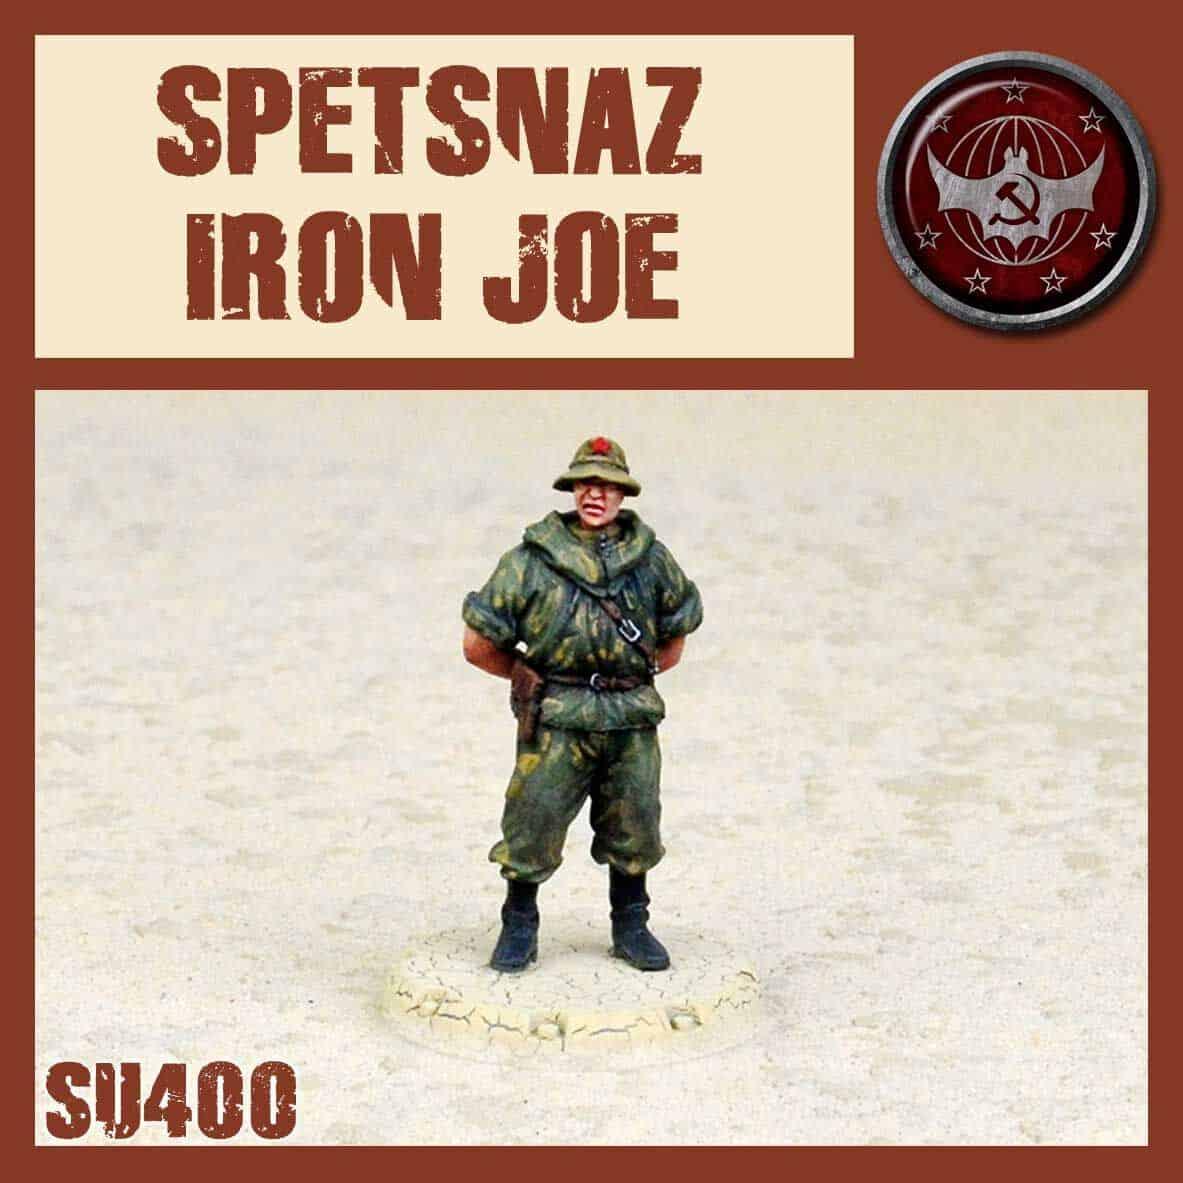 Iron Joe